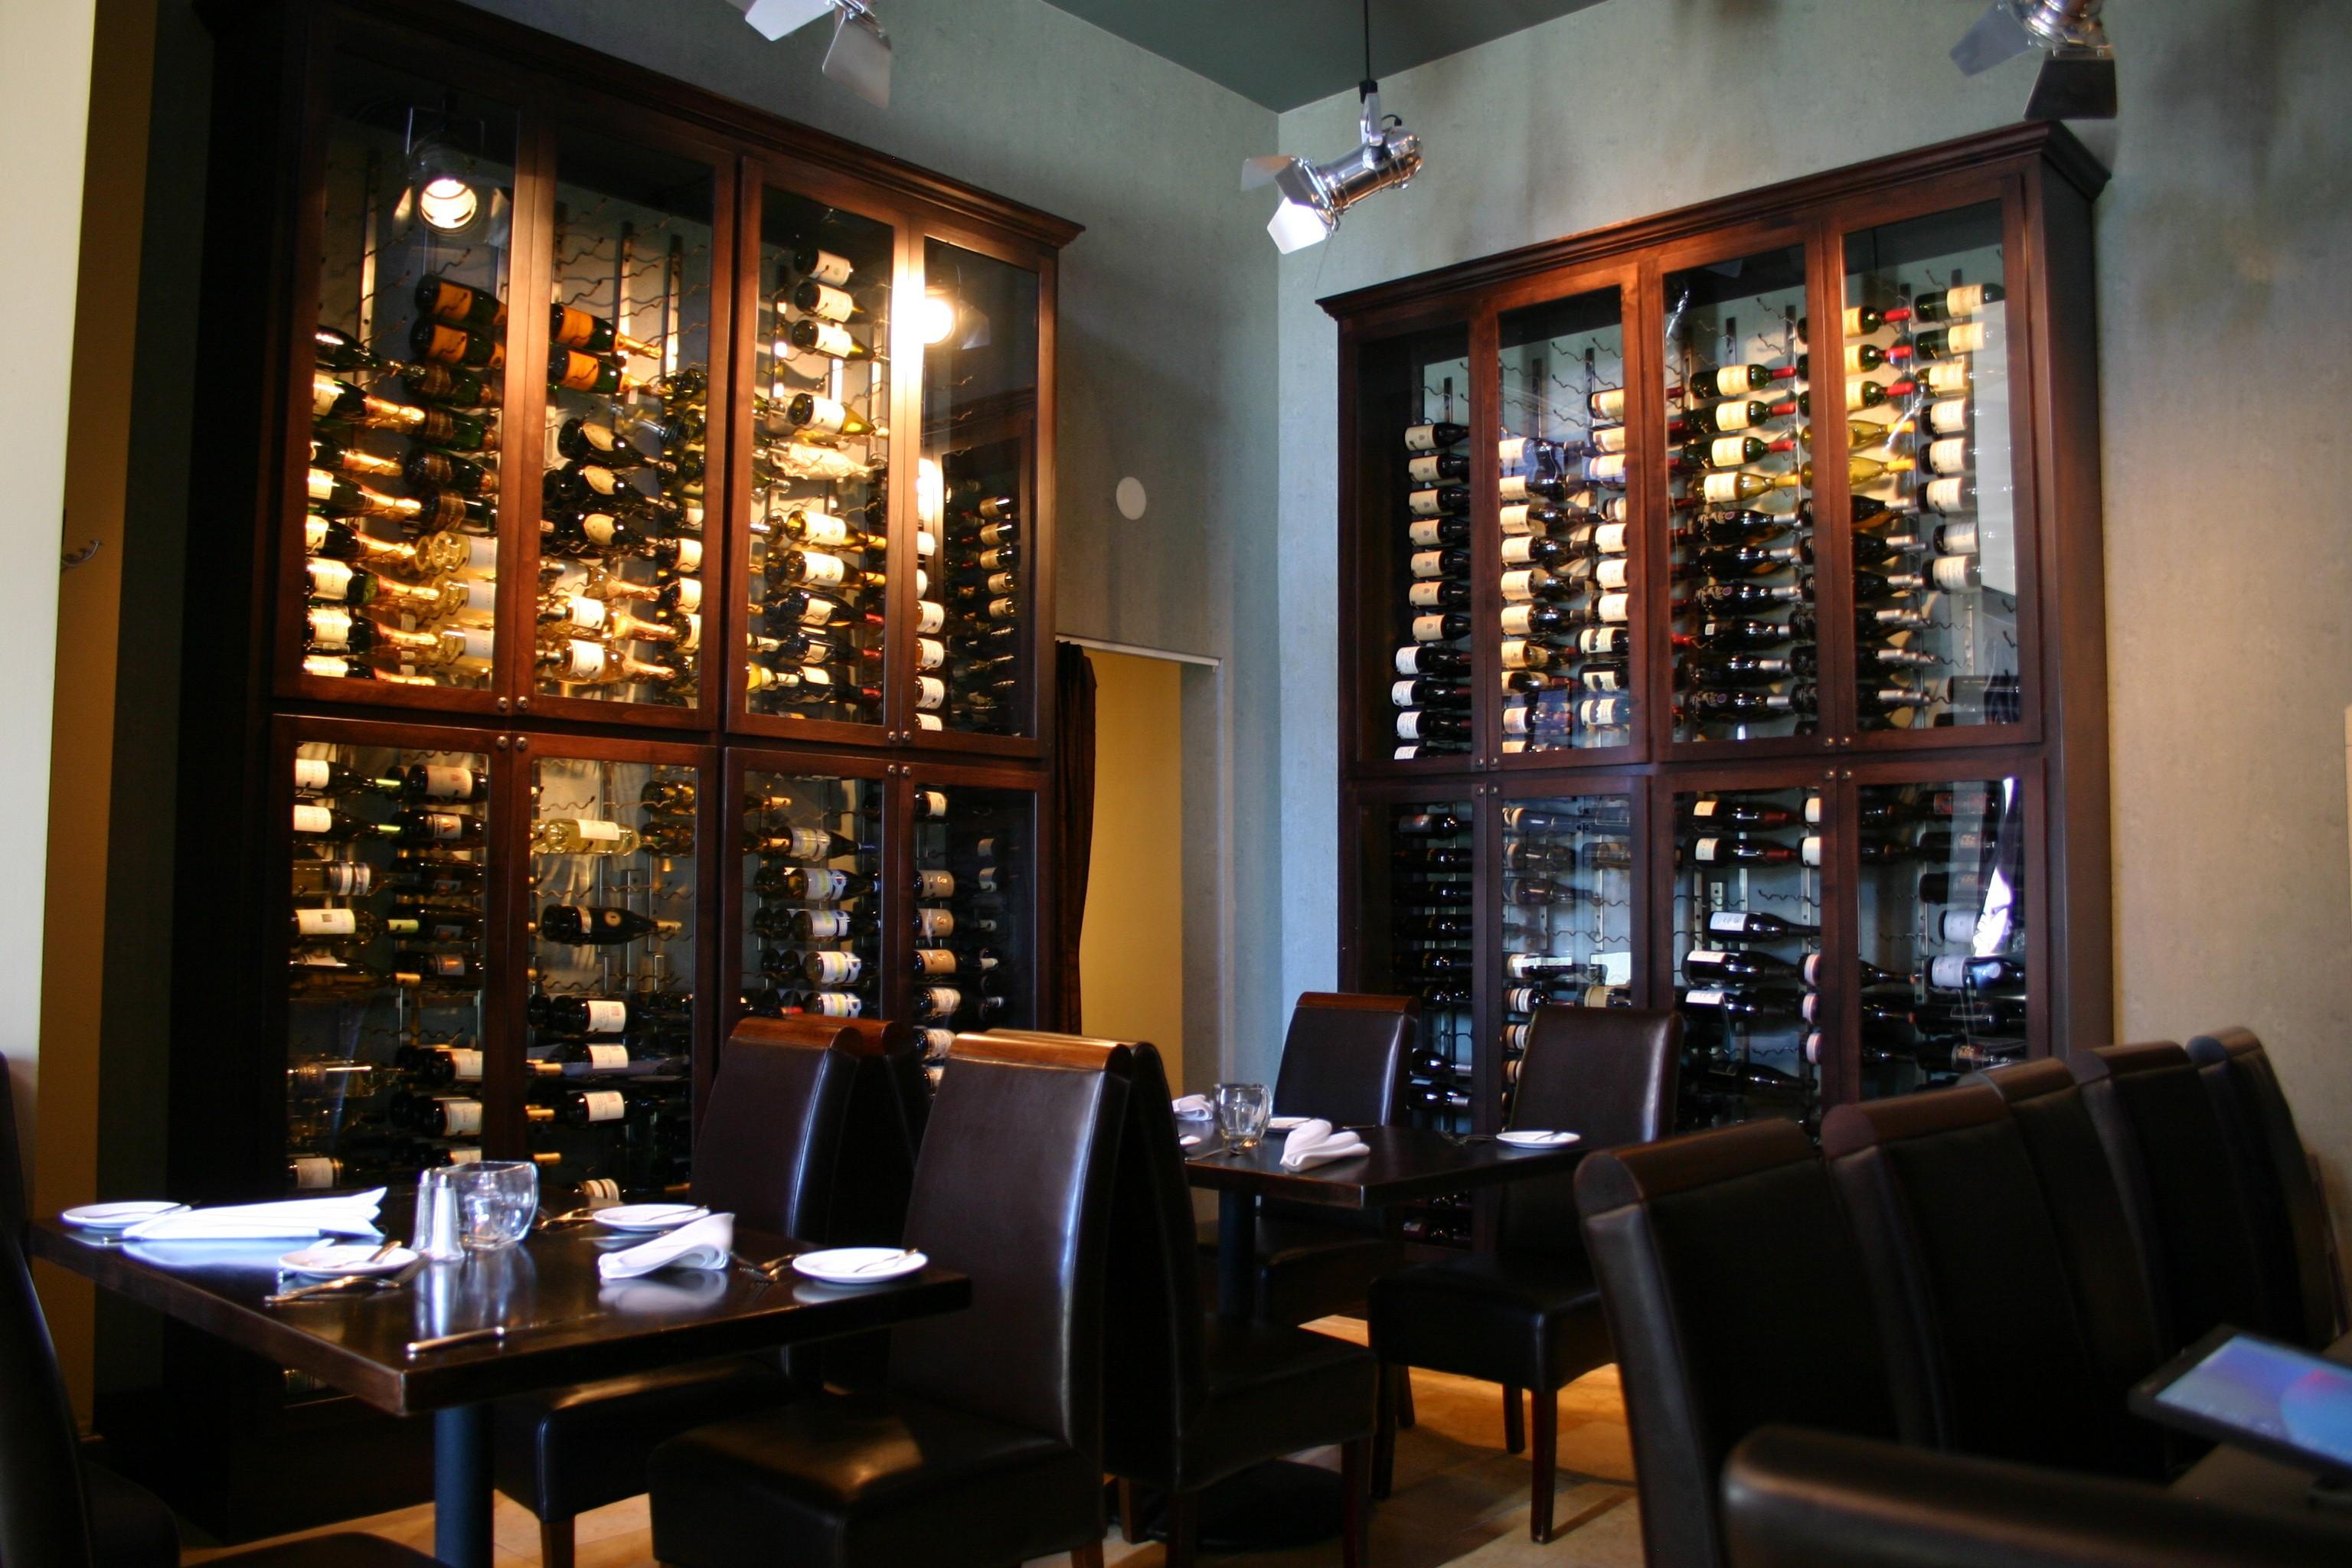 Wine cellars growing as luxury design trend for Luxury home wine cellars